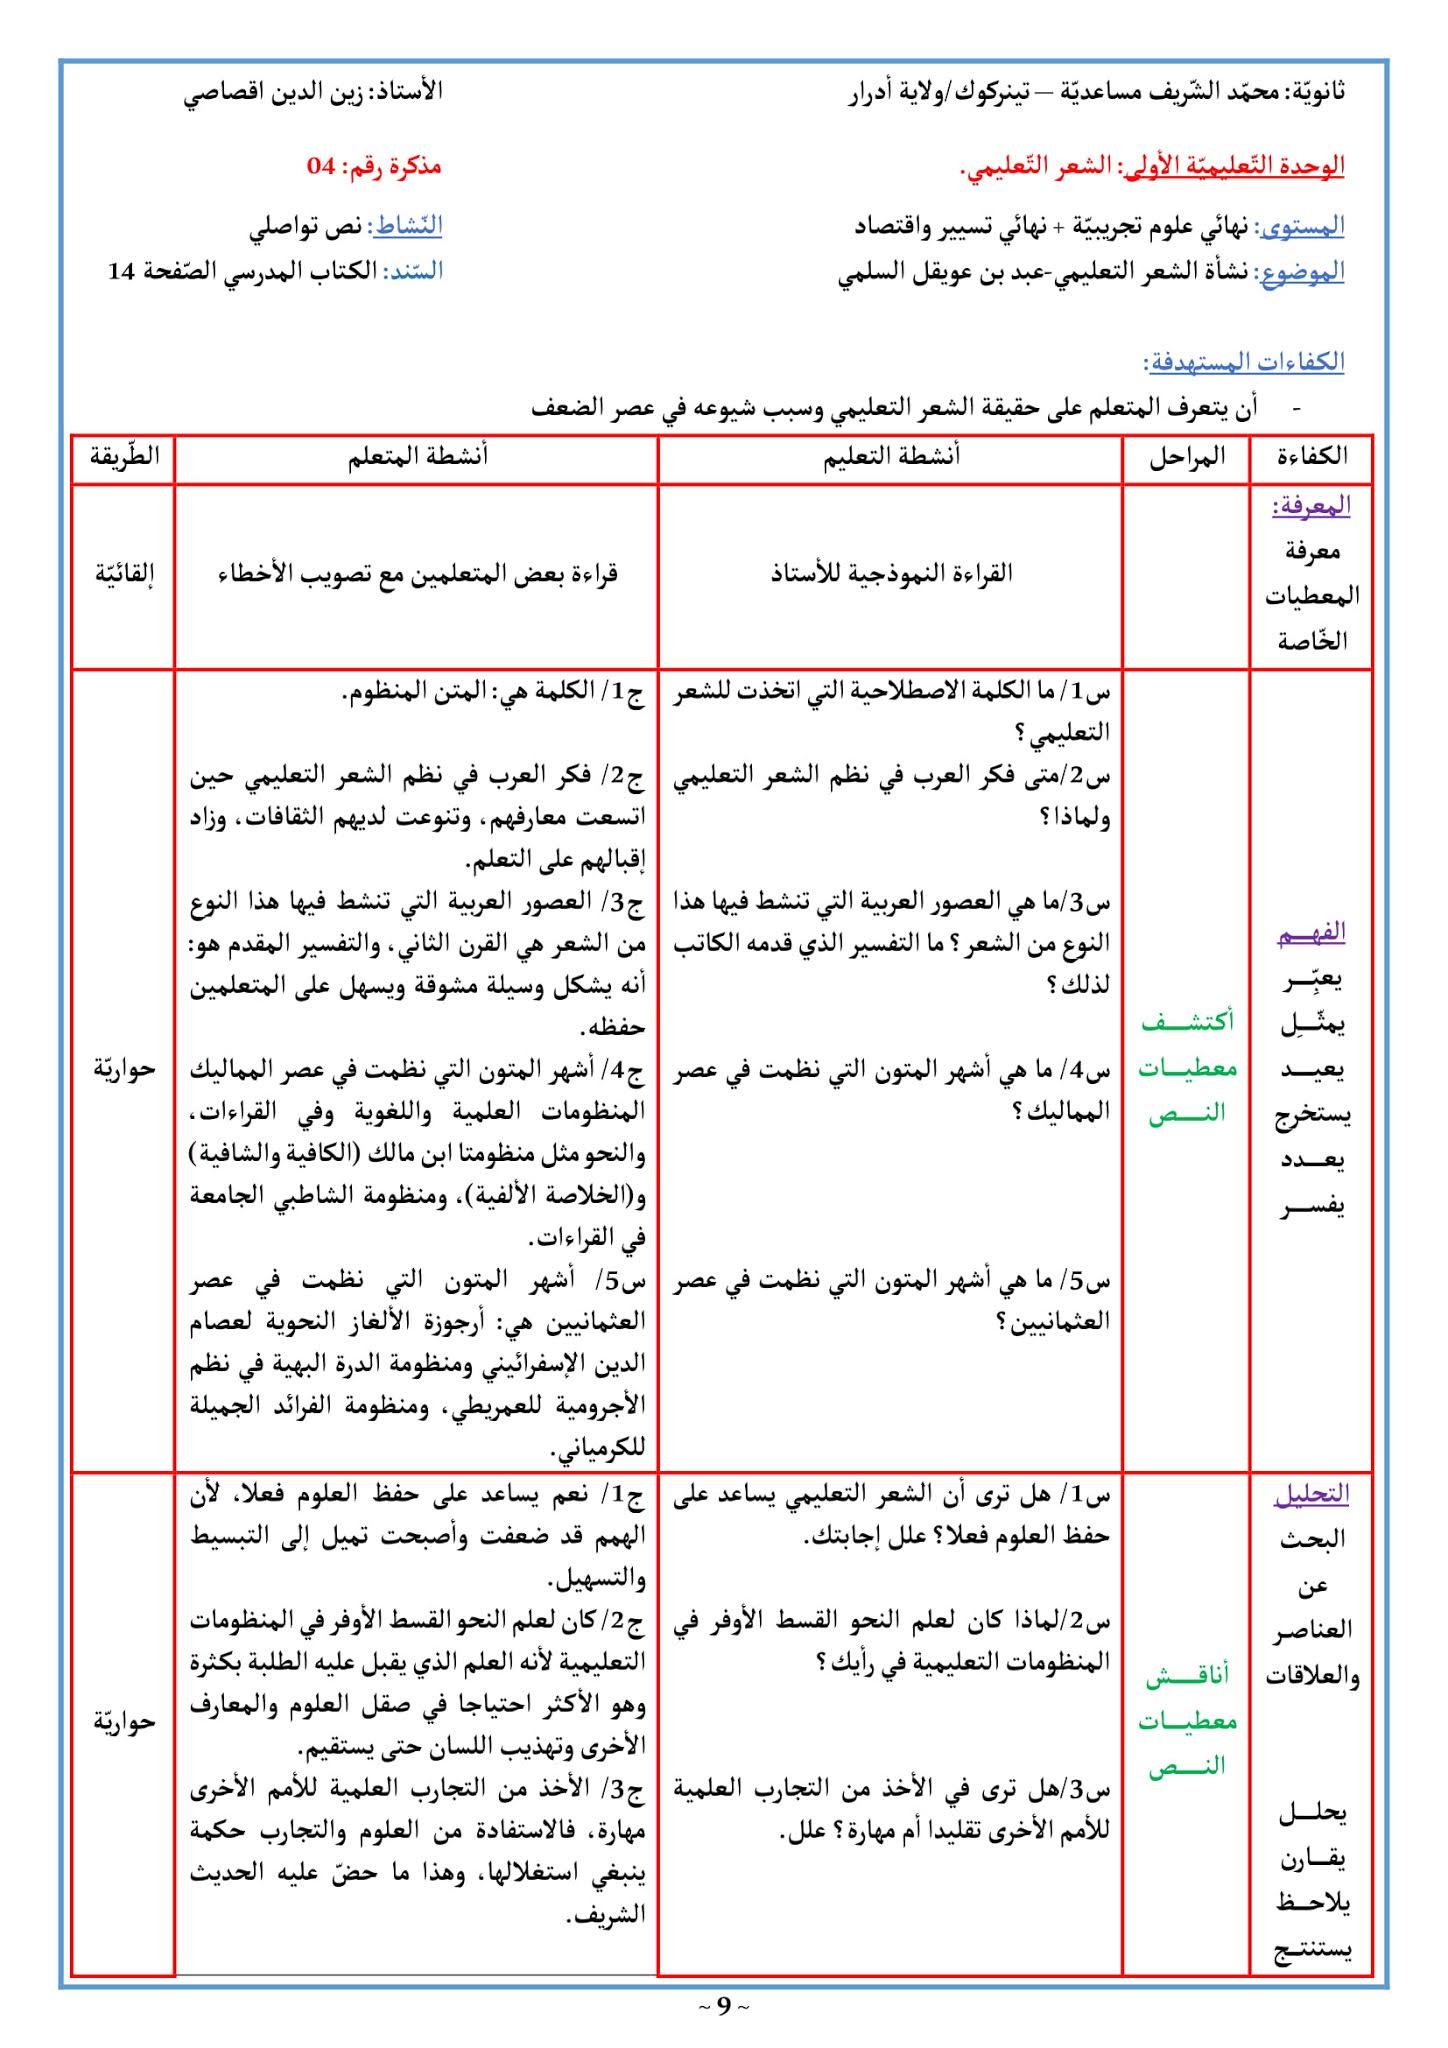 تحضير نشأة الشعر التعليمي 3 ثانوي علمي الصفحة 14 من الكتاب المدرسي